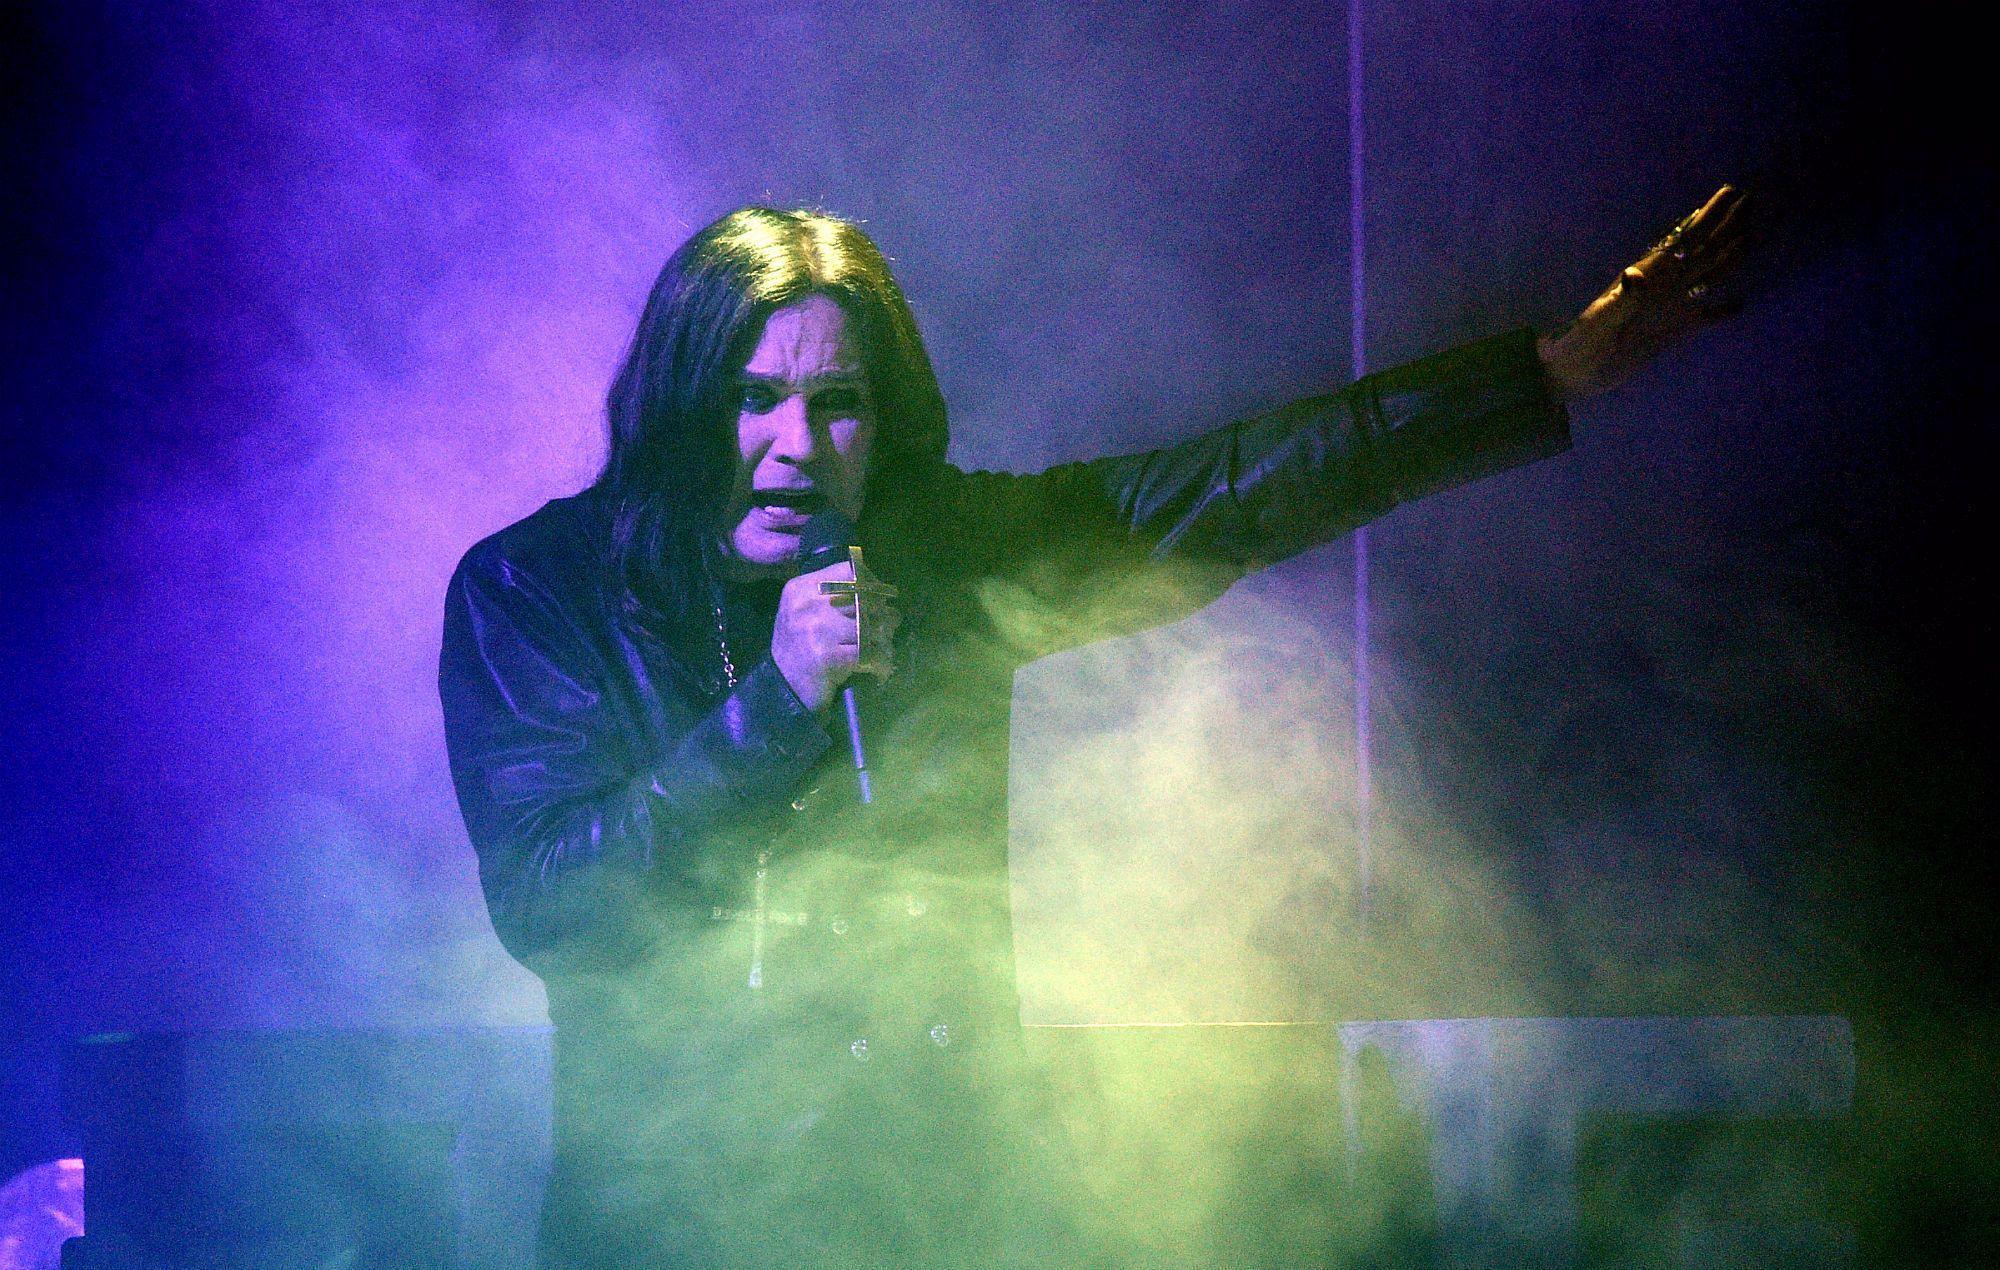 Ozzy Osbourne says he's been battling Parkinson's disease